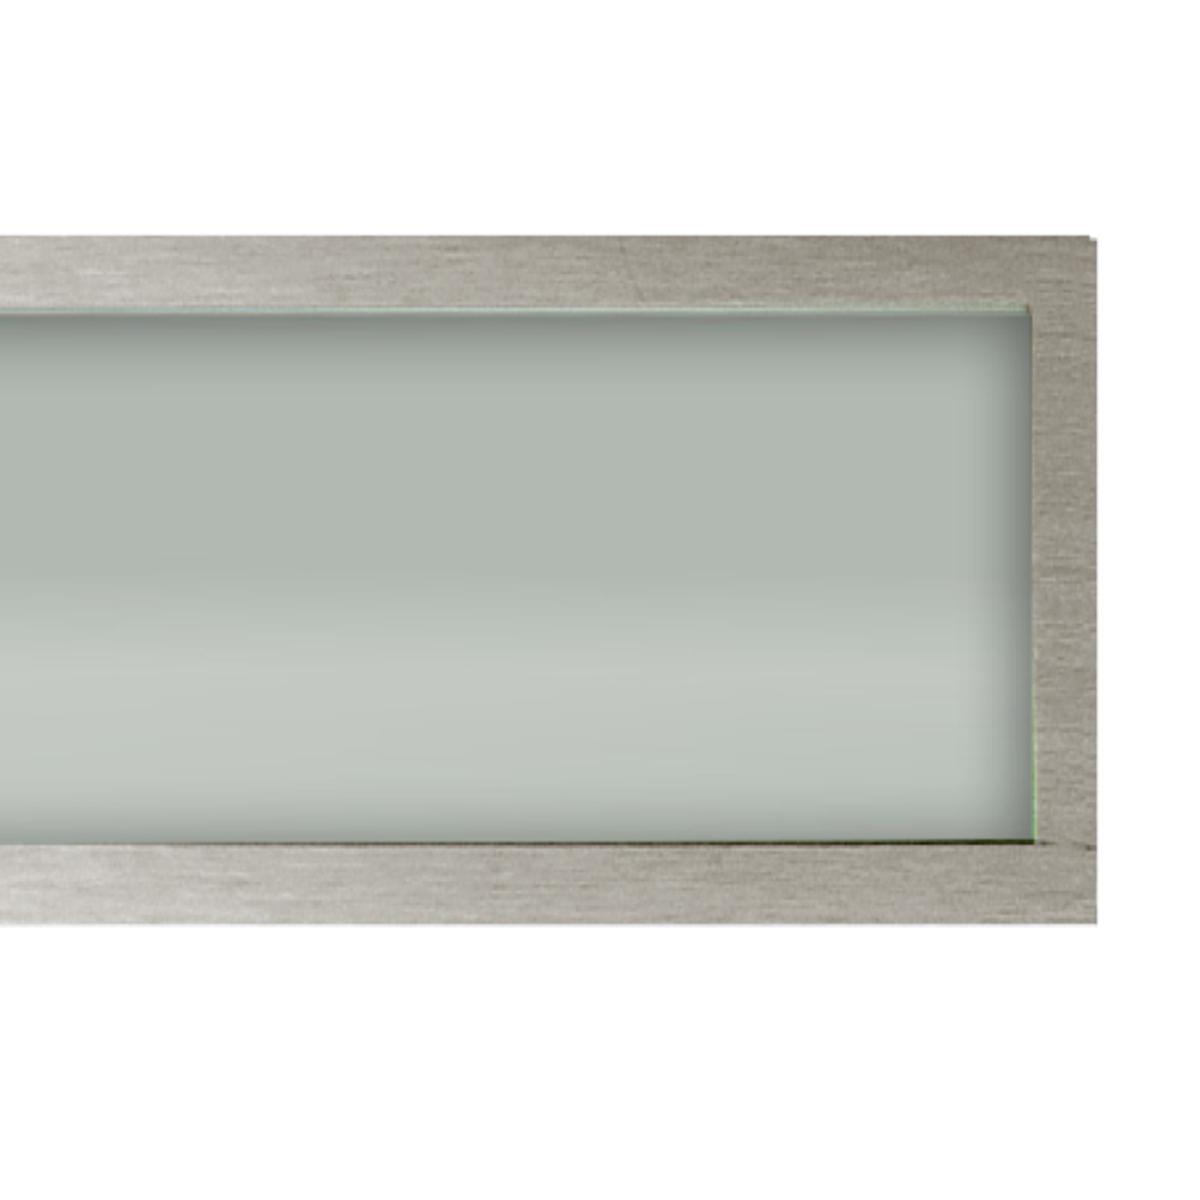 Plafon Space Sobr. Ret. 75cm Alum. Vidro Fosco 2x20w Fluor. Escovado